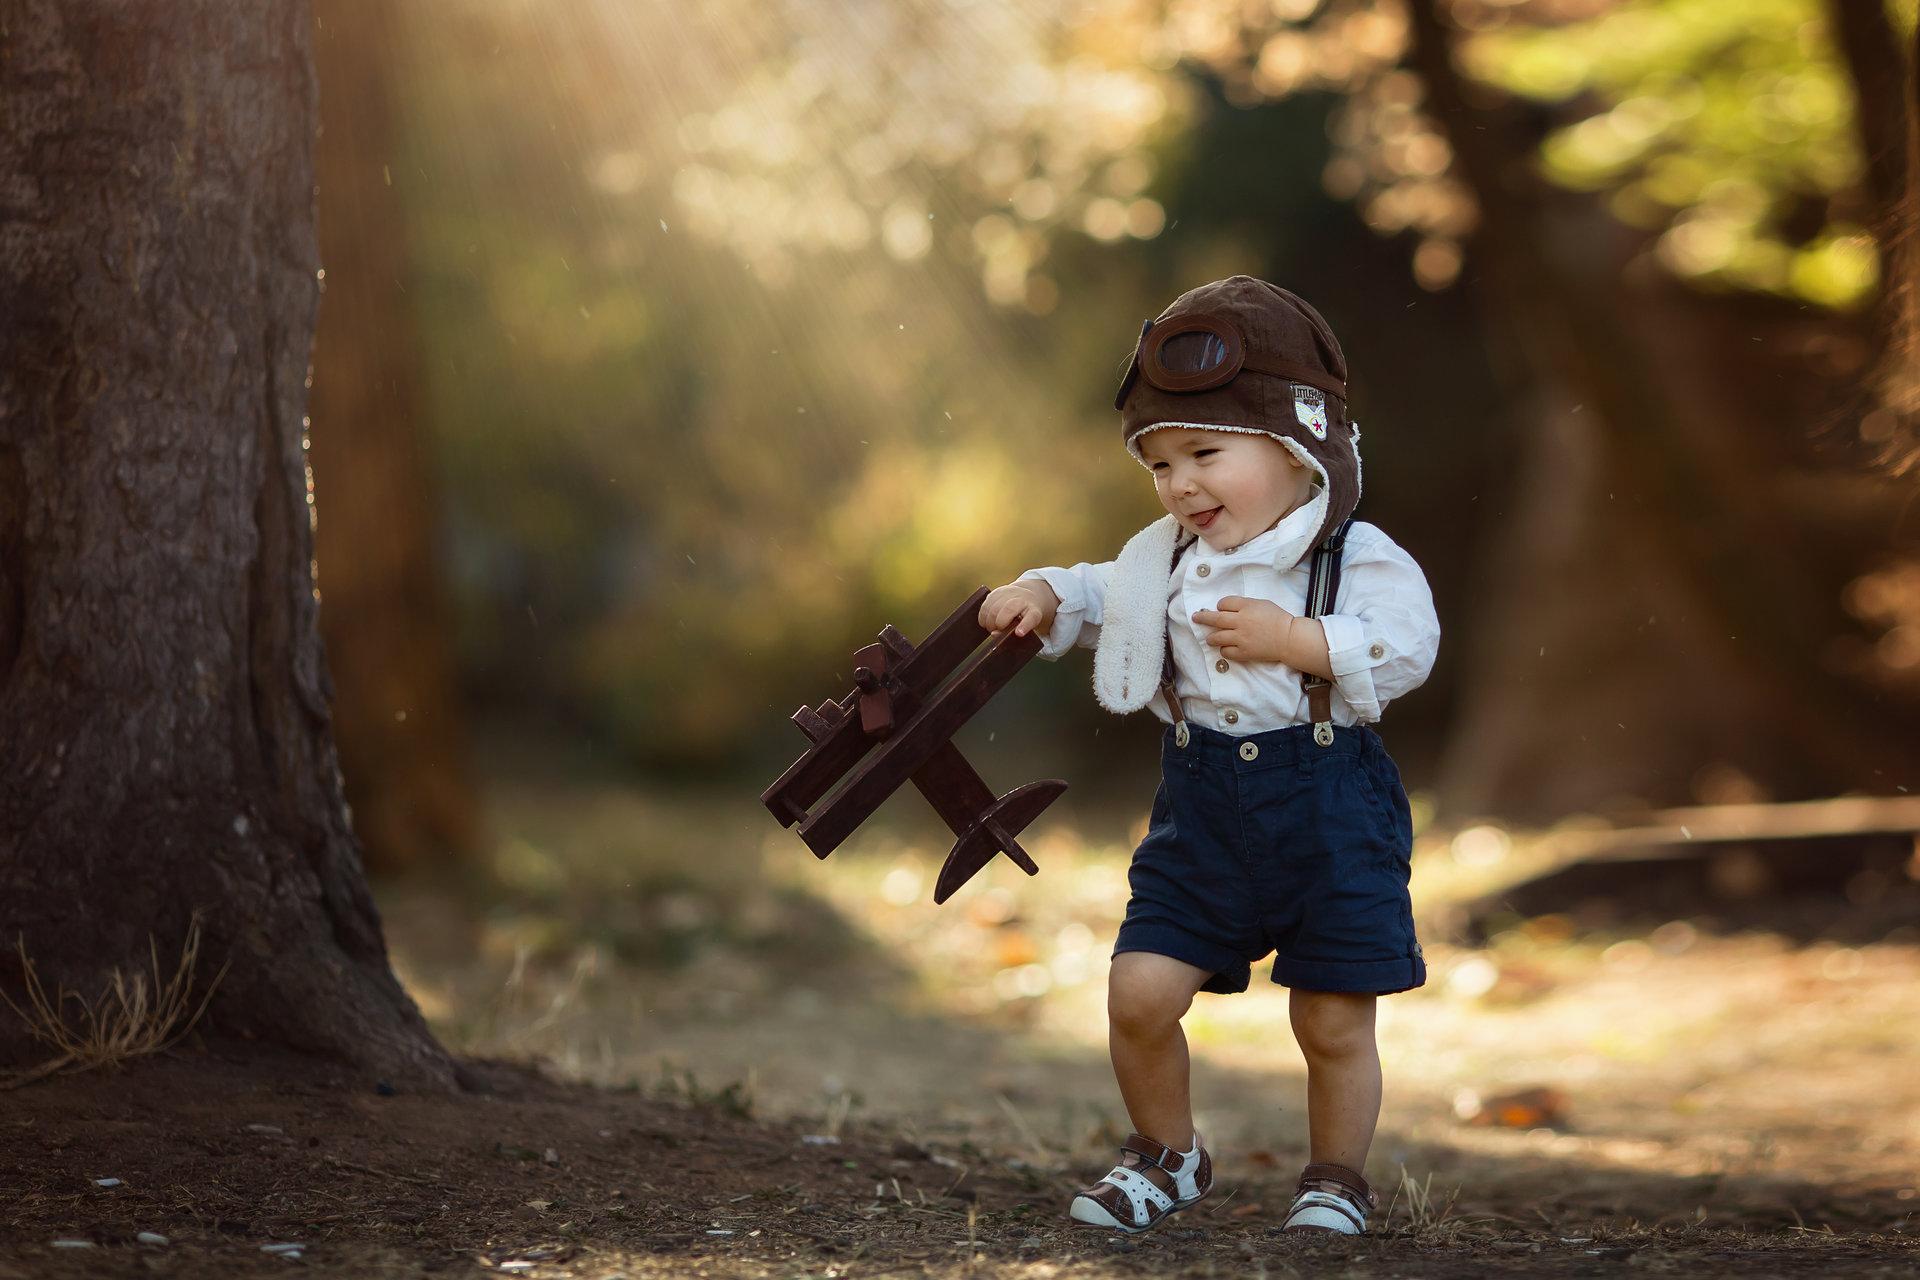 Щастлив мечтател   Author Milena Gigova - Milenuity   PHOTO FORUM